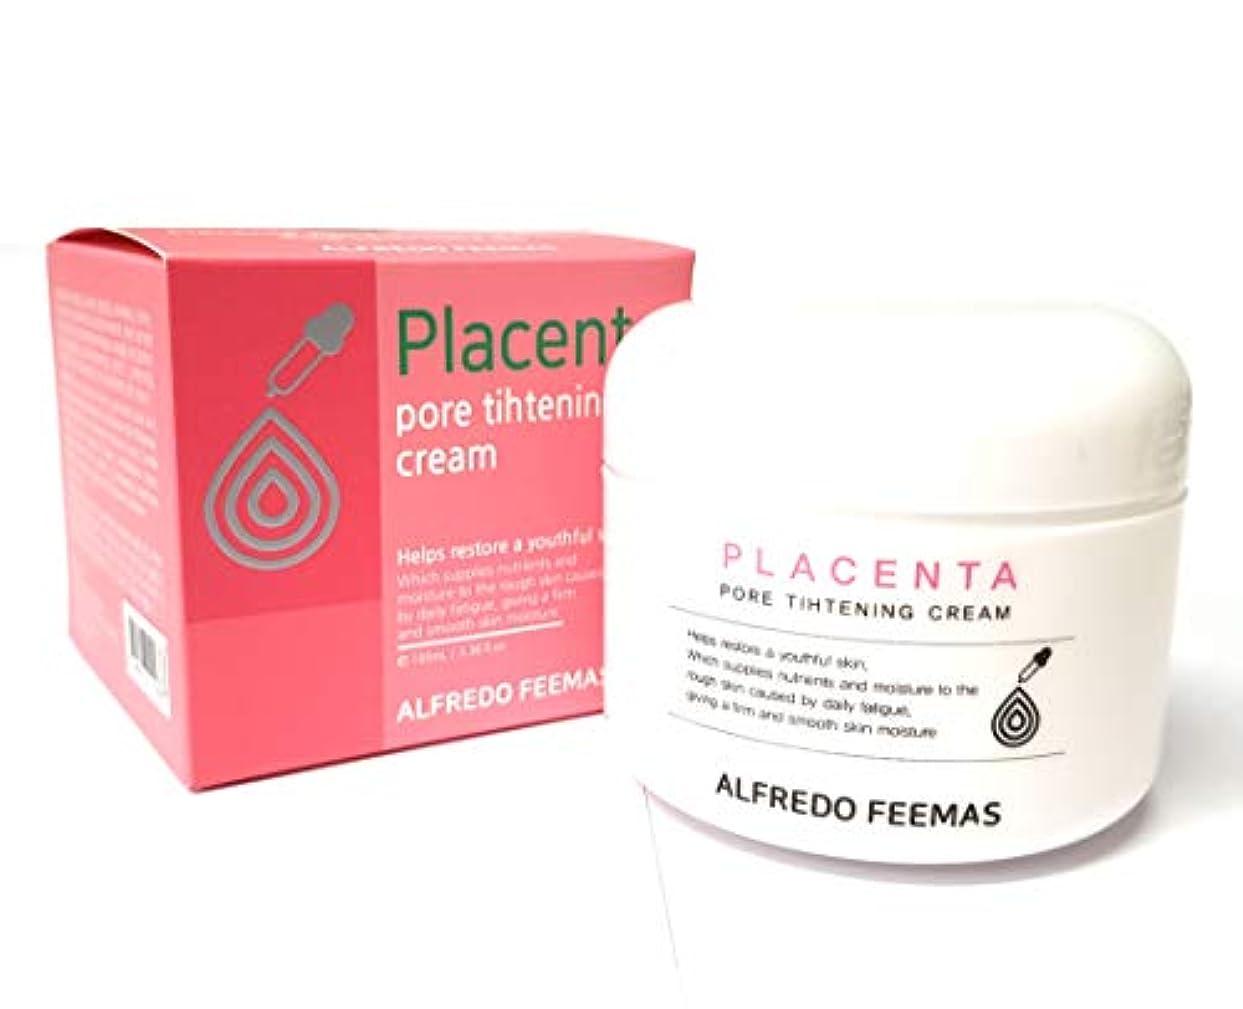 数値草インストール[ALFREDO FEEMAS] ポア引き締めクリーム100ml / Pore tightening cream100ml / ポアケア、うるおい/Pore Care,moisture/韓国化粧品/Korean Cosmetics...